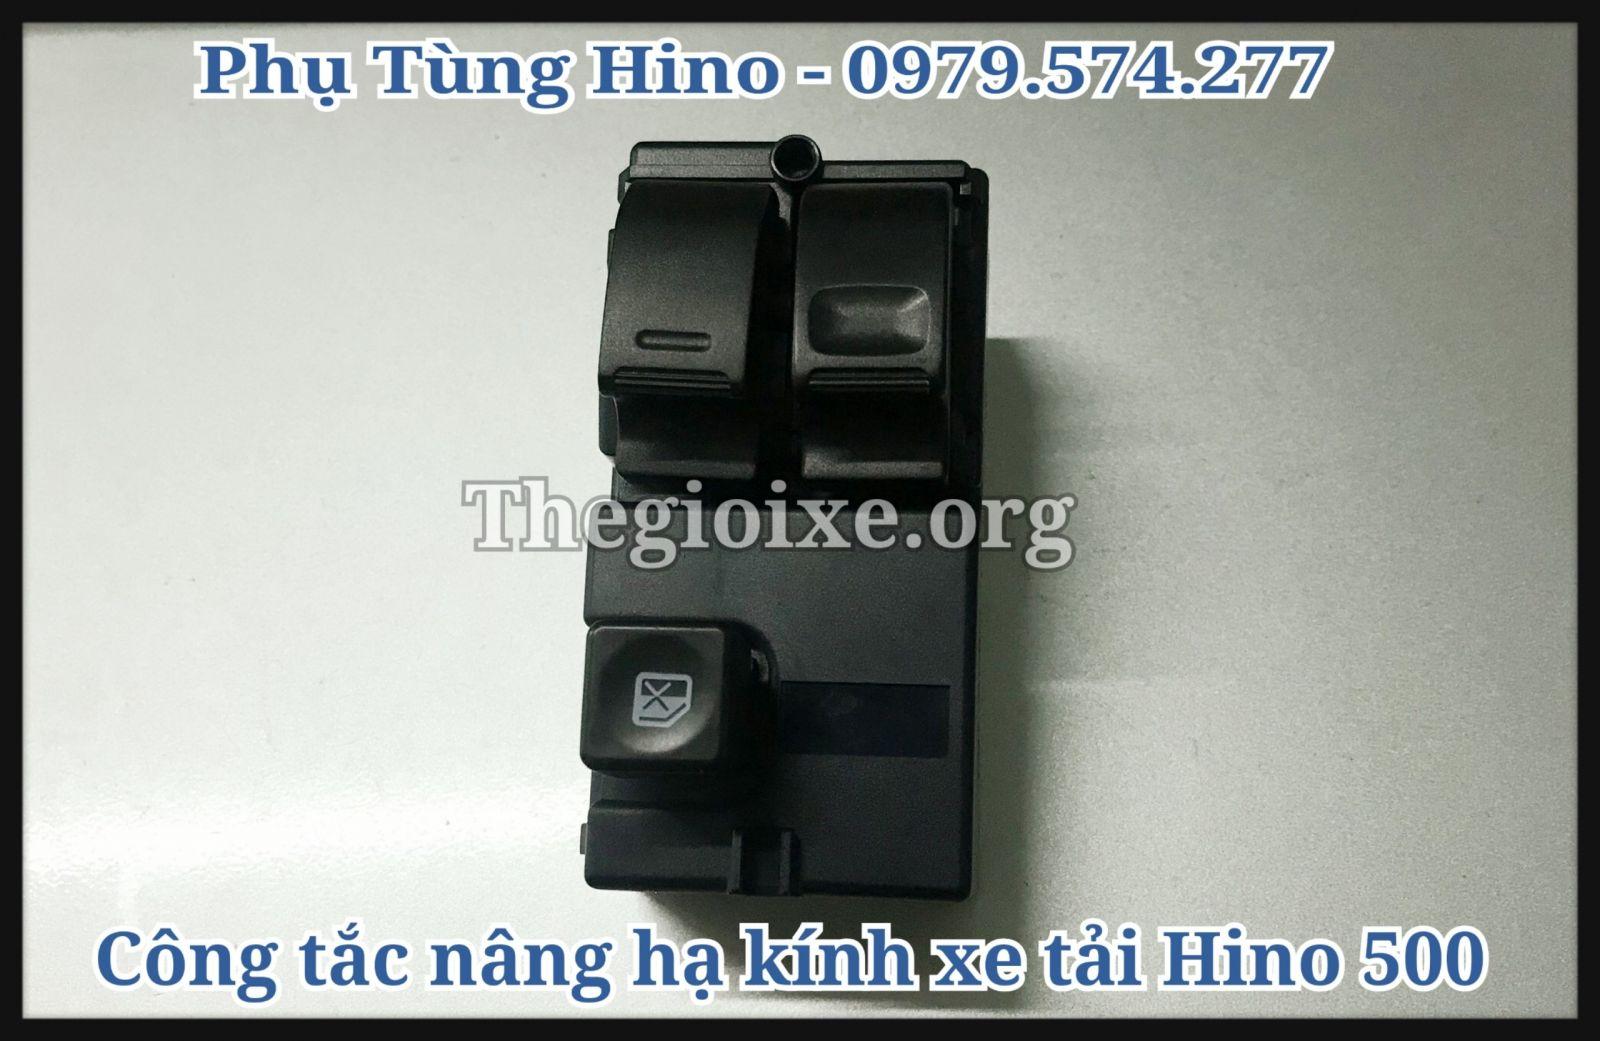 NUT BAM KINH XE TA HINO